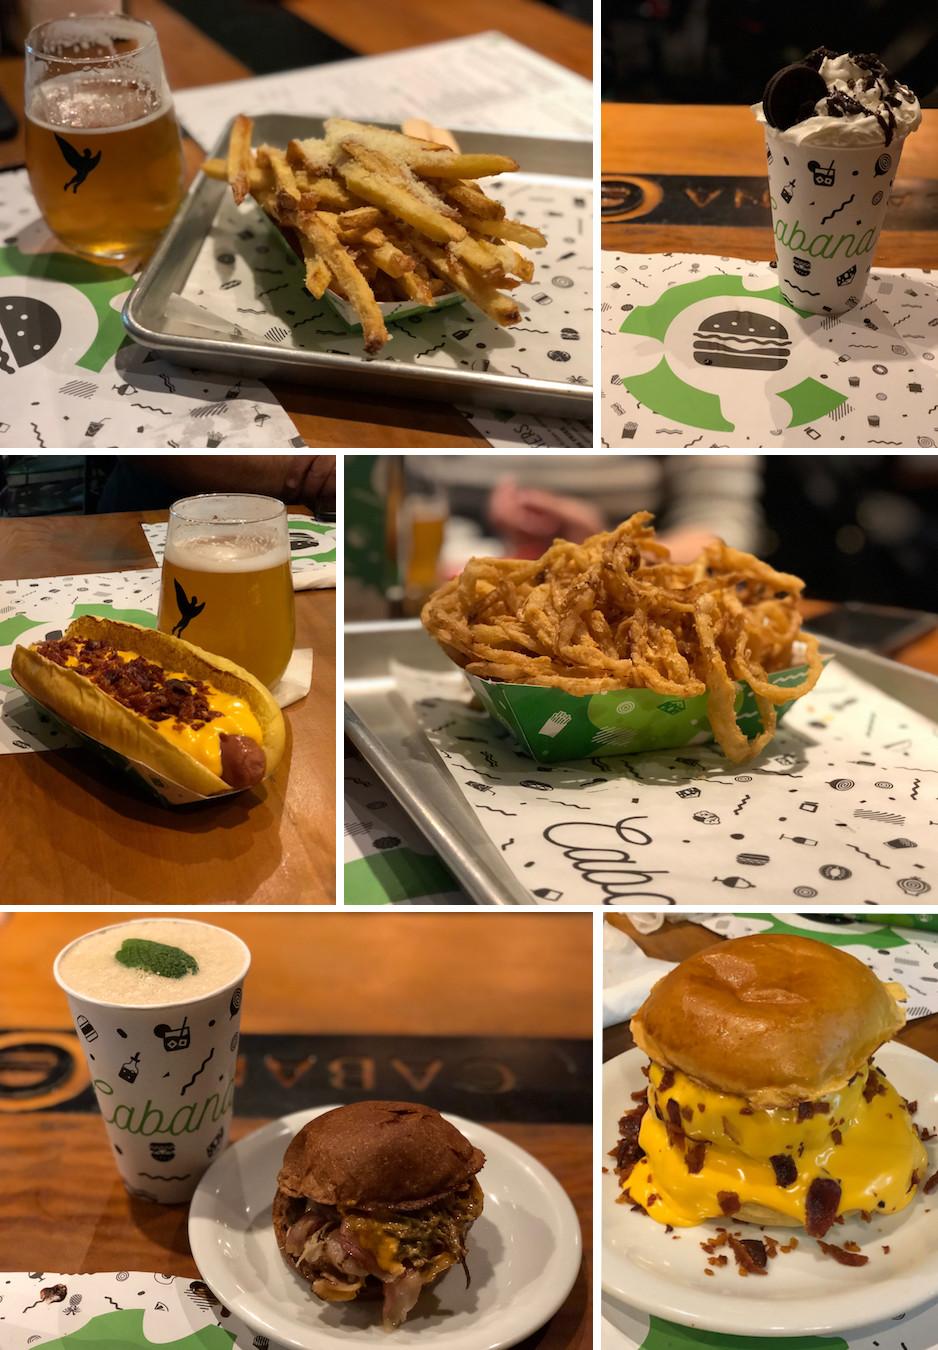 cabana burger sanduiches